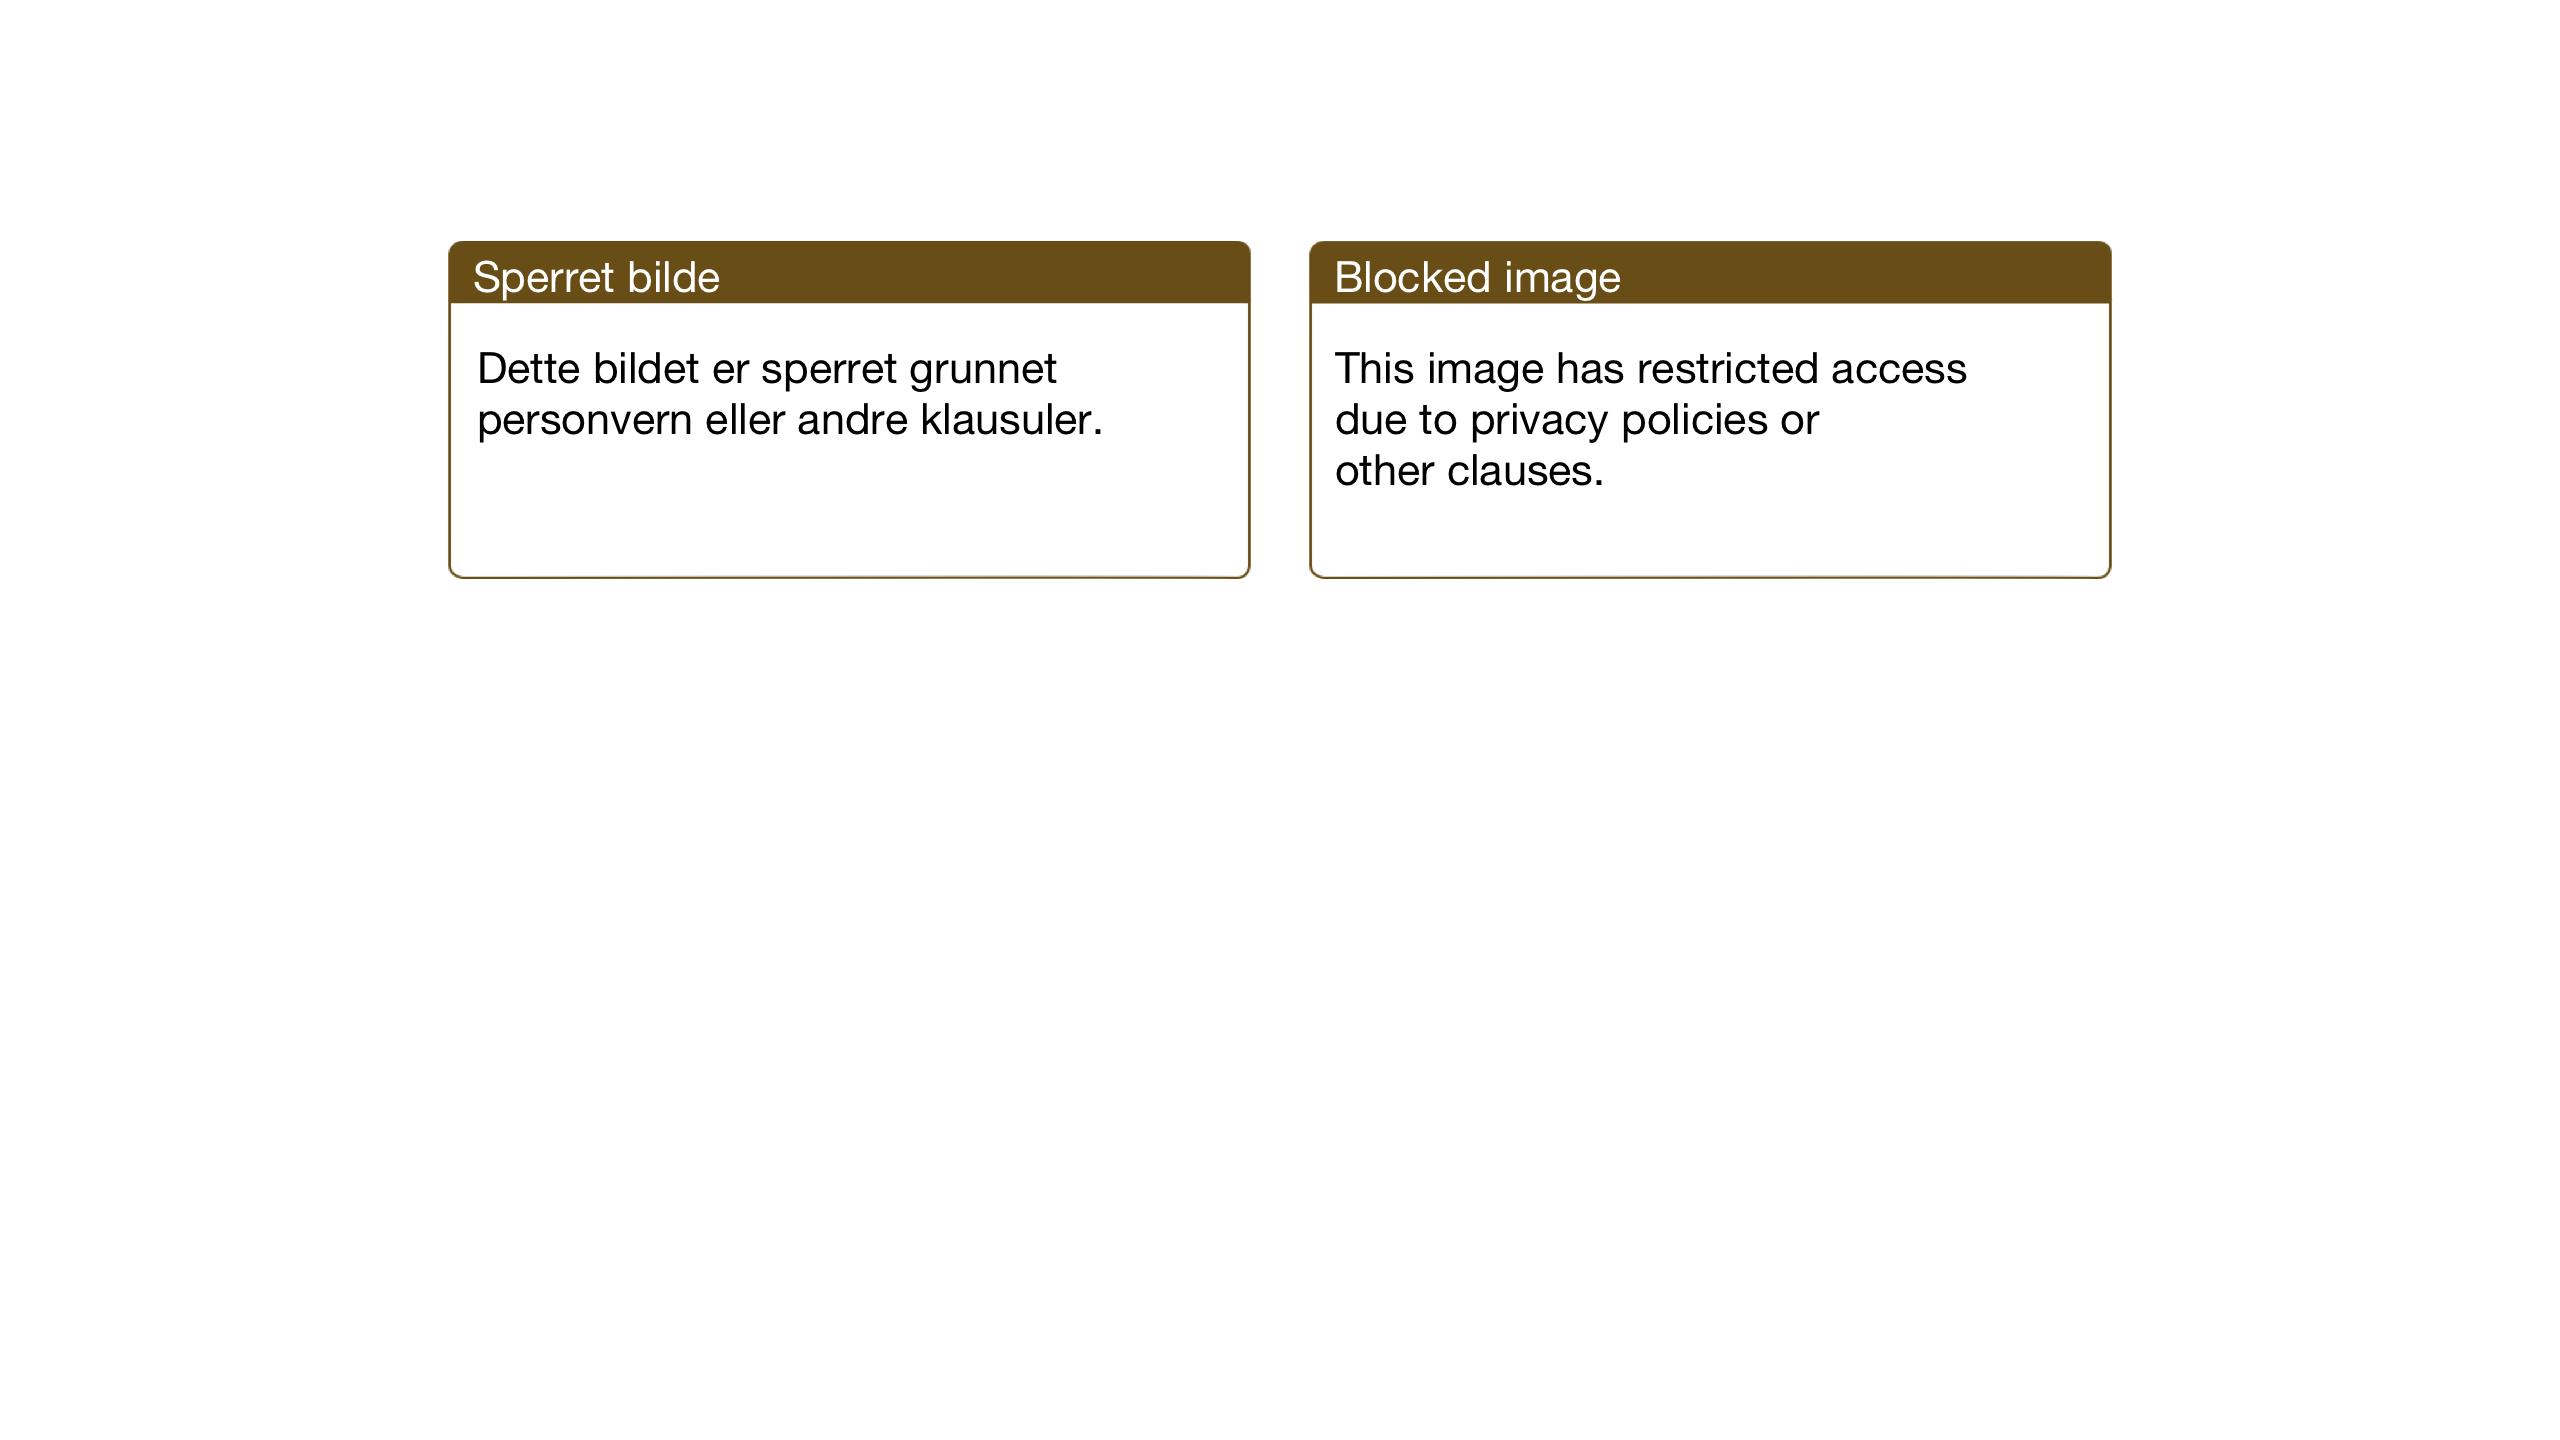 SAT, Ministerialprotokoller, klokkerbøker og fødselsregistre - Sør-Trøndelag, 604/L0227: Klokkerbok nr. 604C10, 1923-1942, s. 114